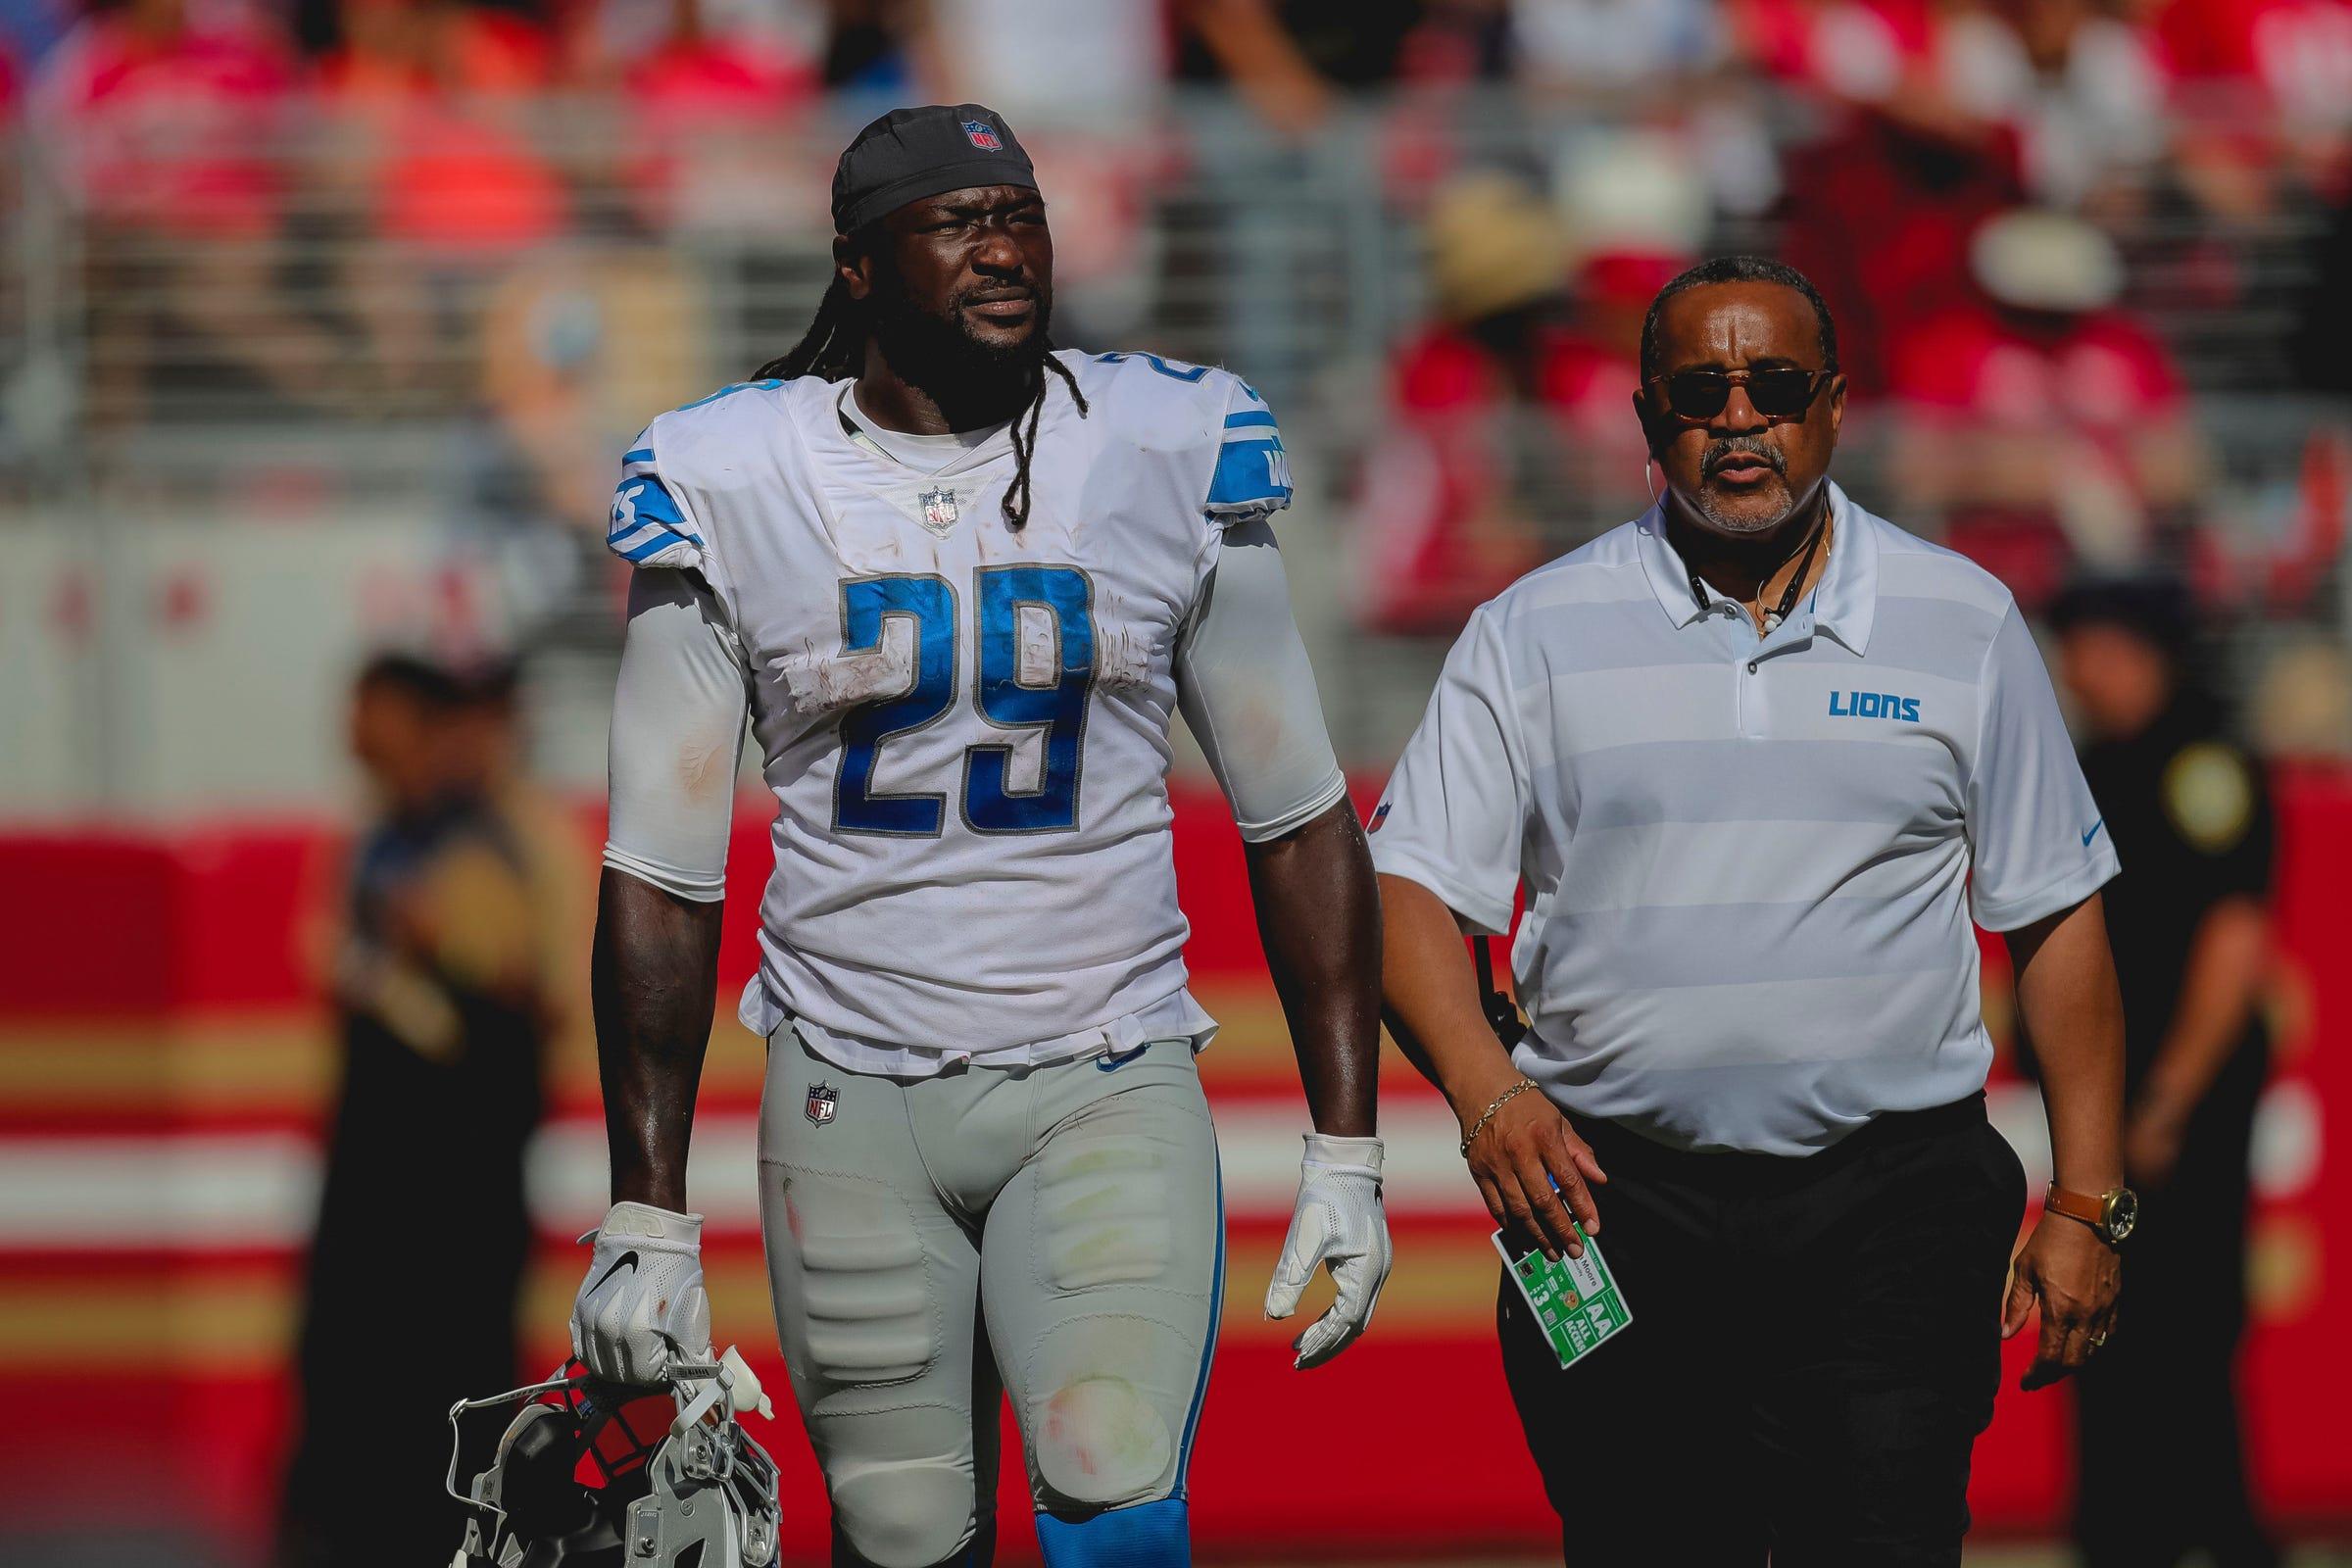 Hot Detroit Lions' Blount expects NFL fine for shoving Niner